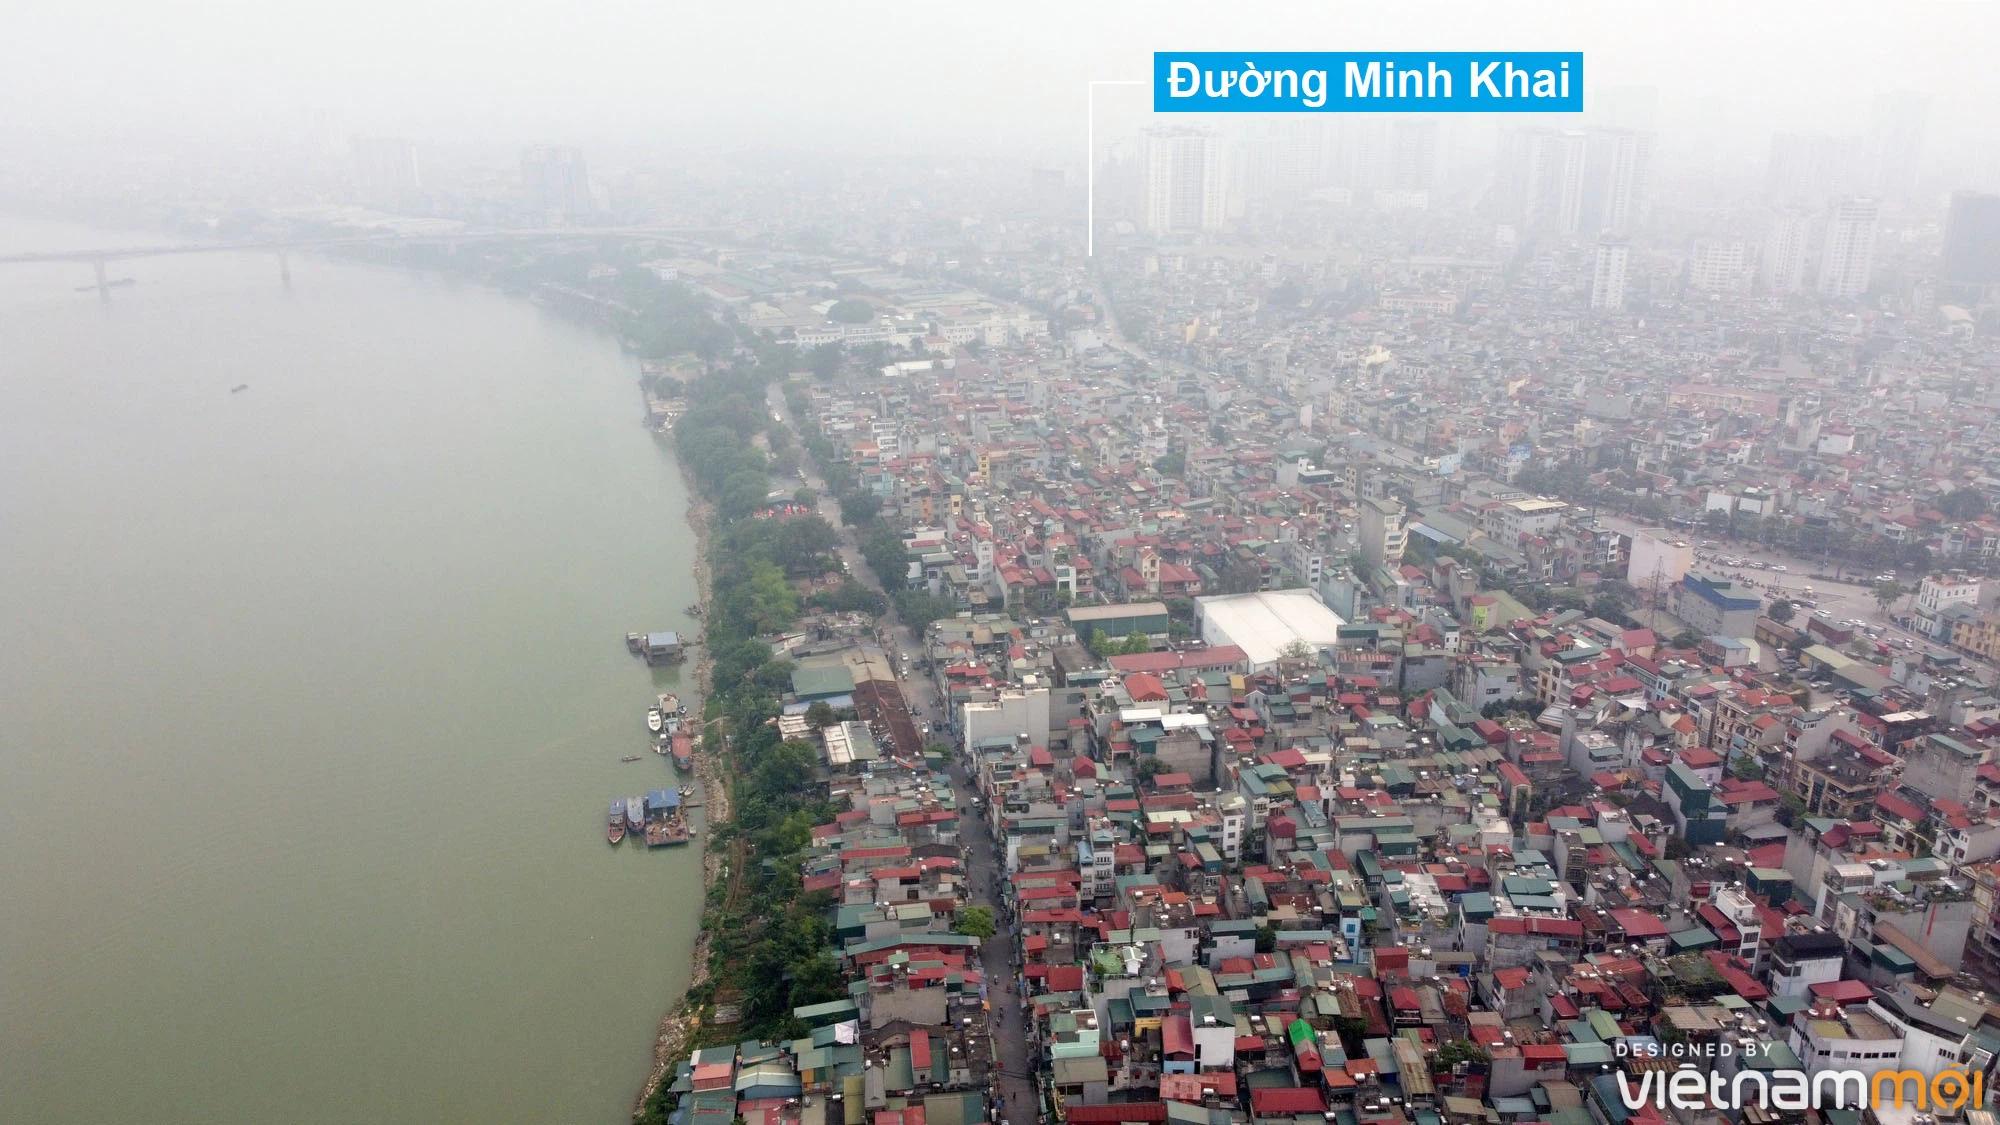 Toàn cảnh hiện trạng Phân khu đô thị sông Hồng trên địa bàn quận Hai Bà Trưng - Ảnh 12.